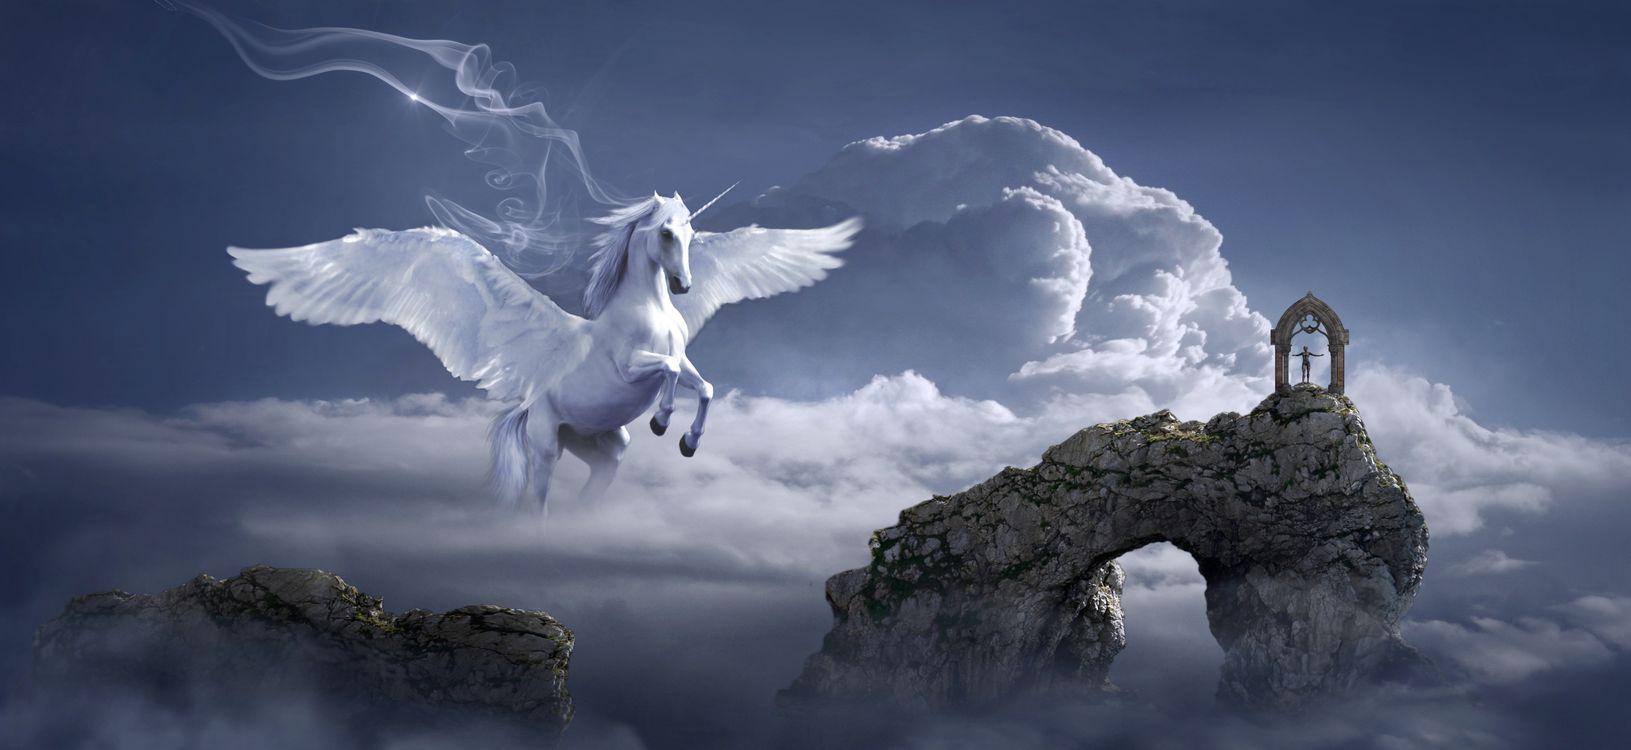 Фото бесплатно небо, облака, крылатый конь - на рабочий стол